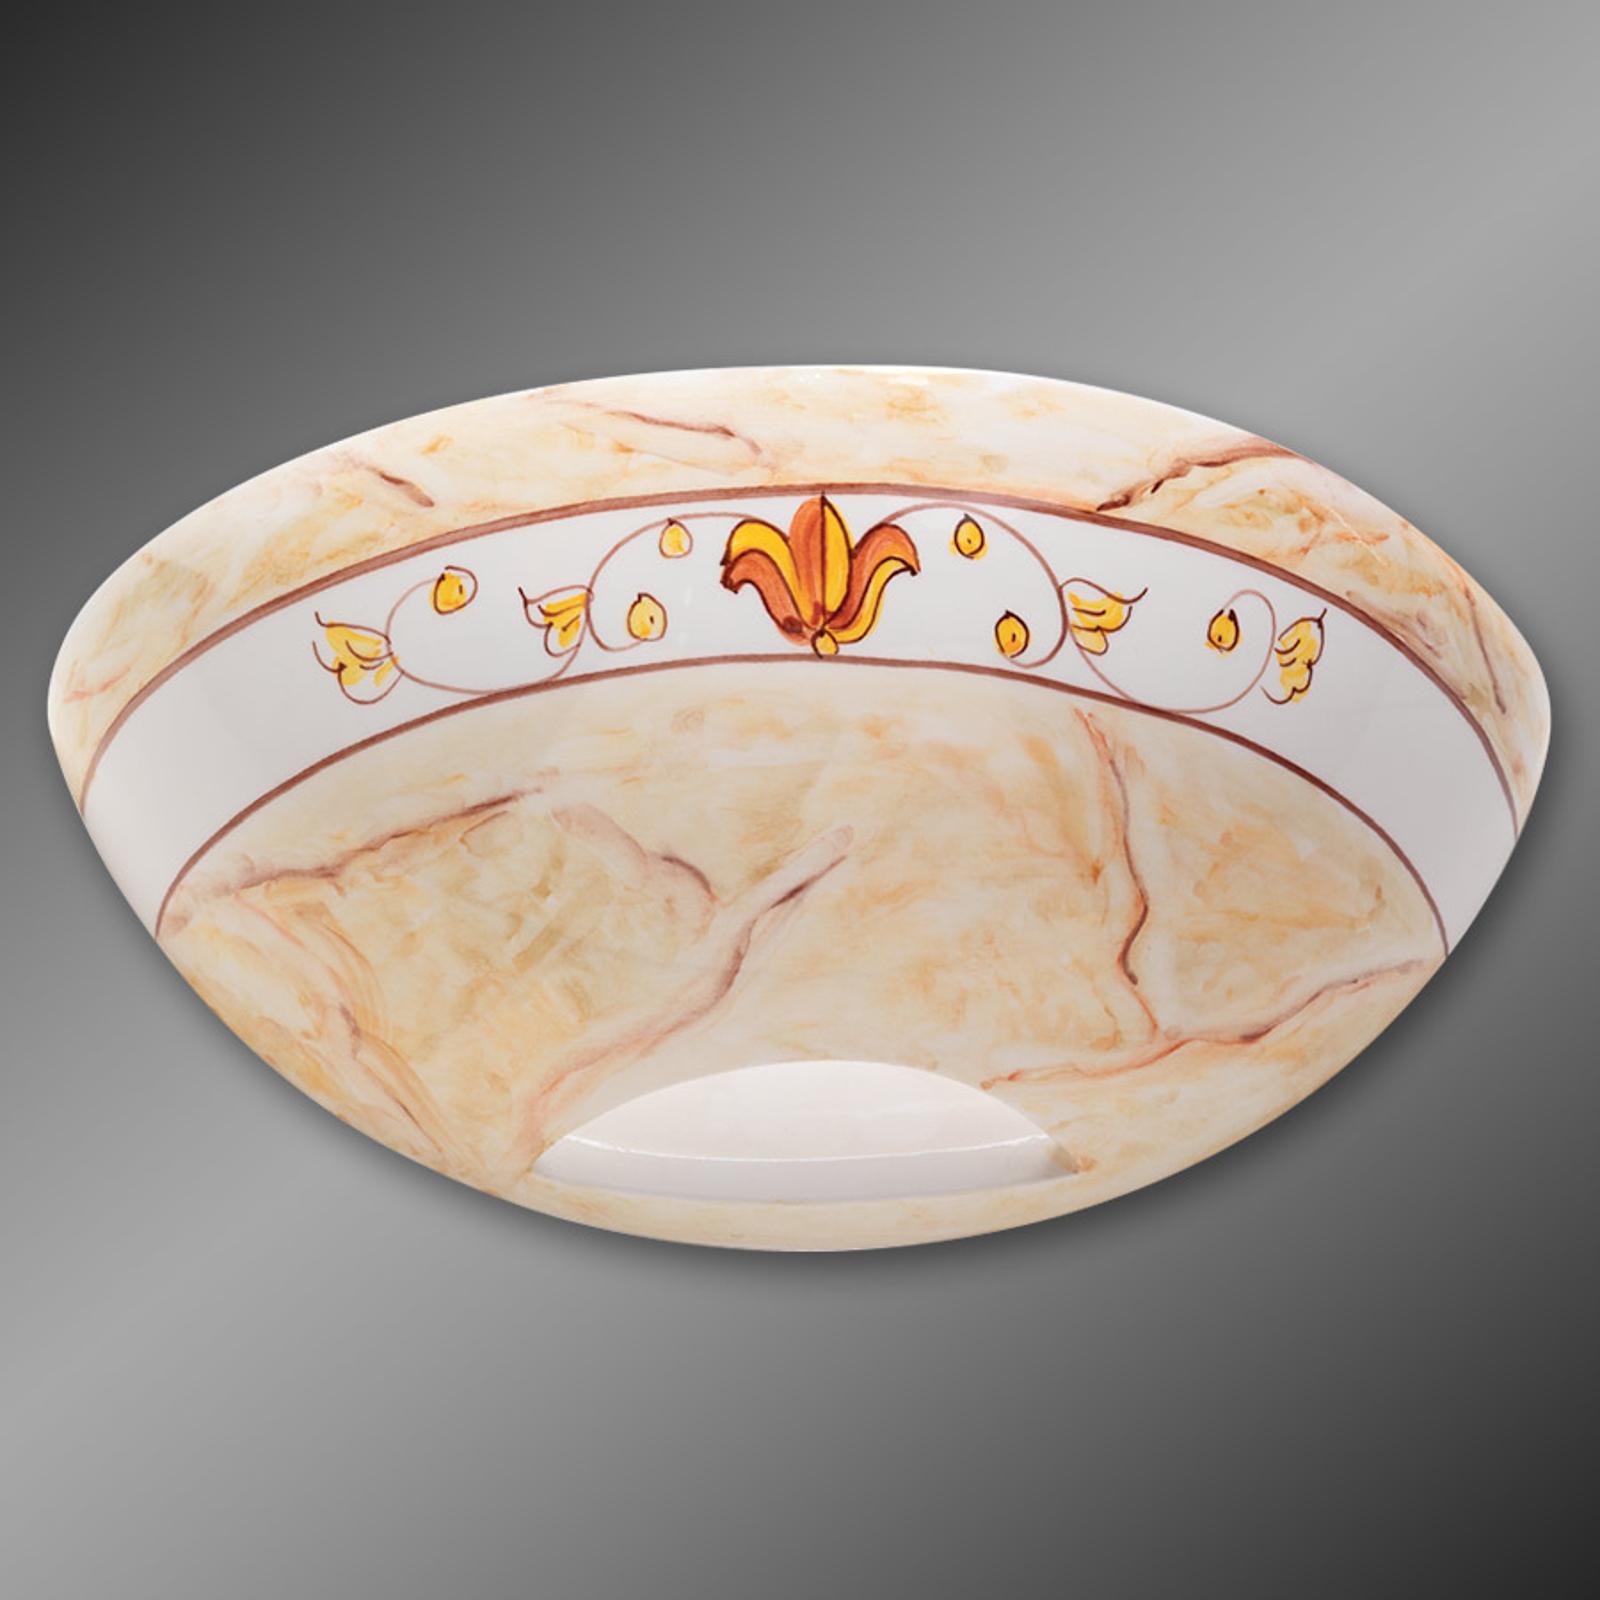 Keramik-Wandleuchte Marmorino ocker